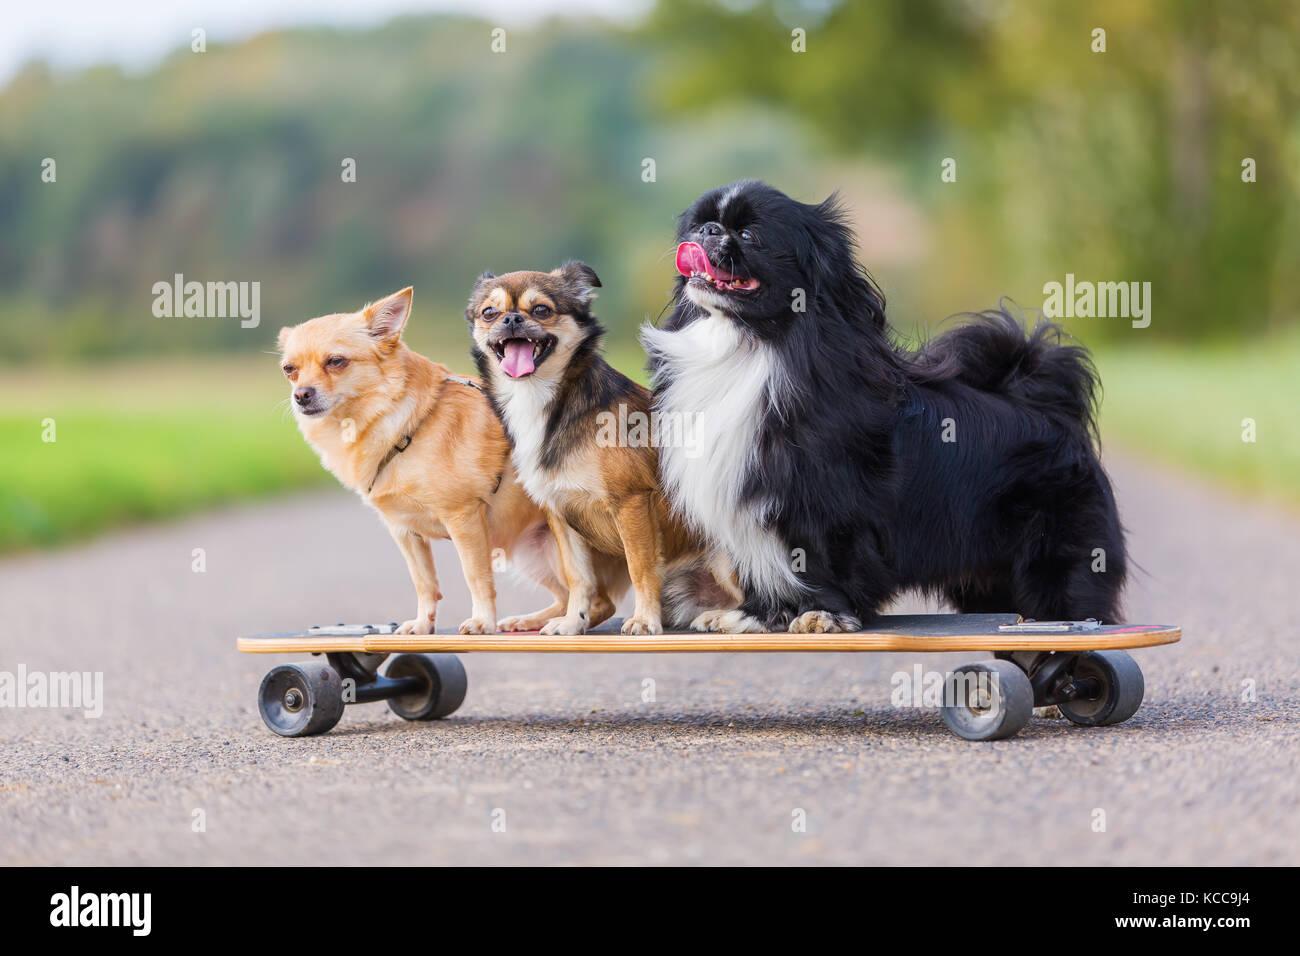 Imagen De Tres Perros Pequeños Y Bonitos Que Están Sentados En Un